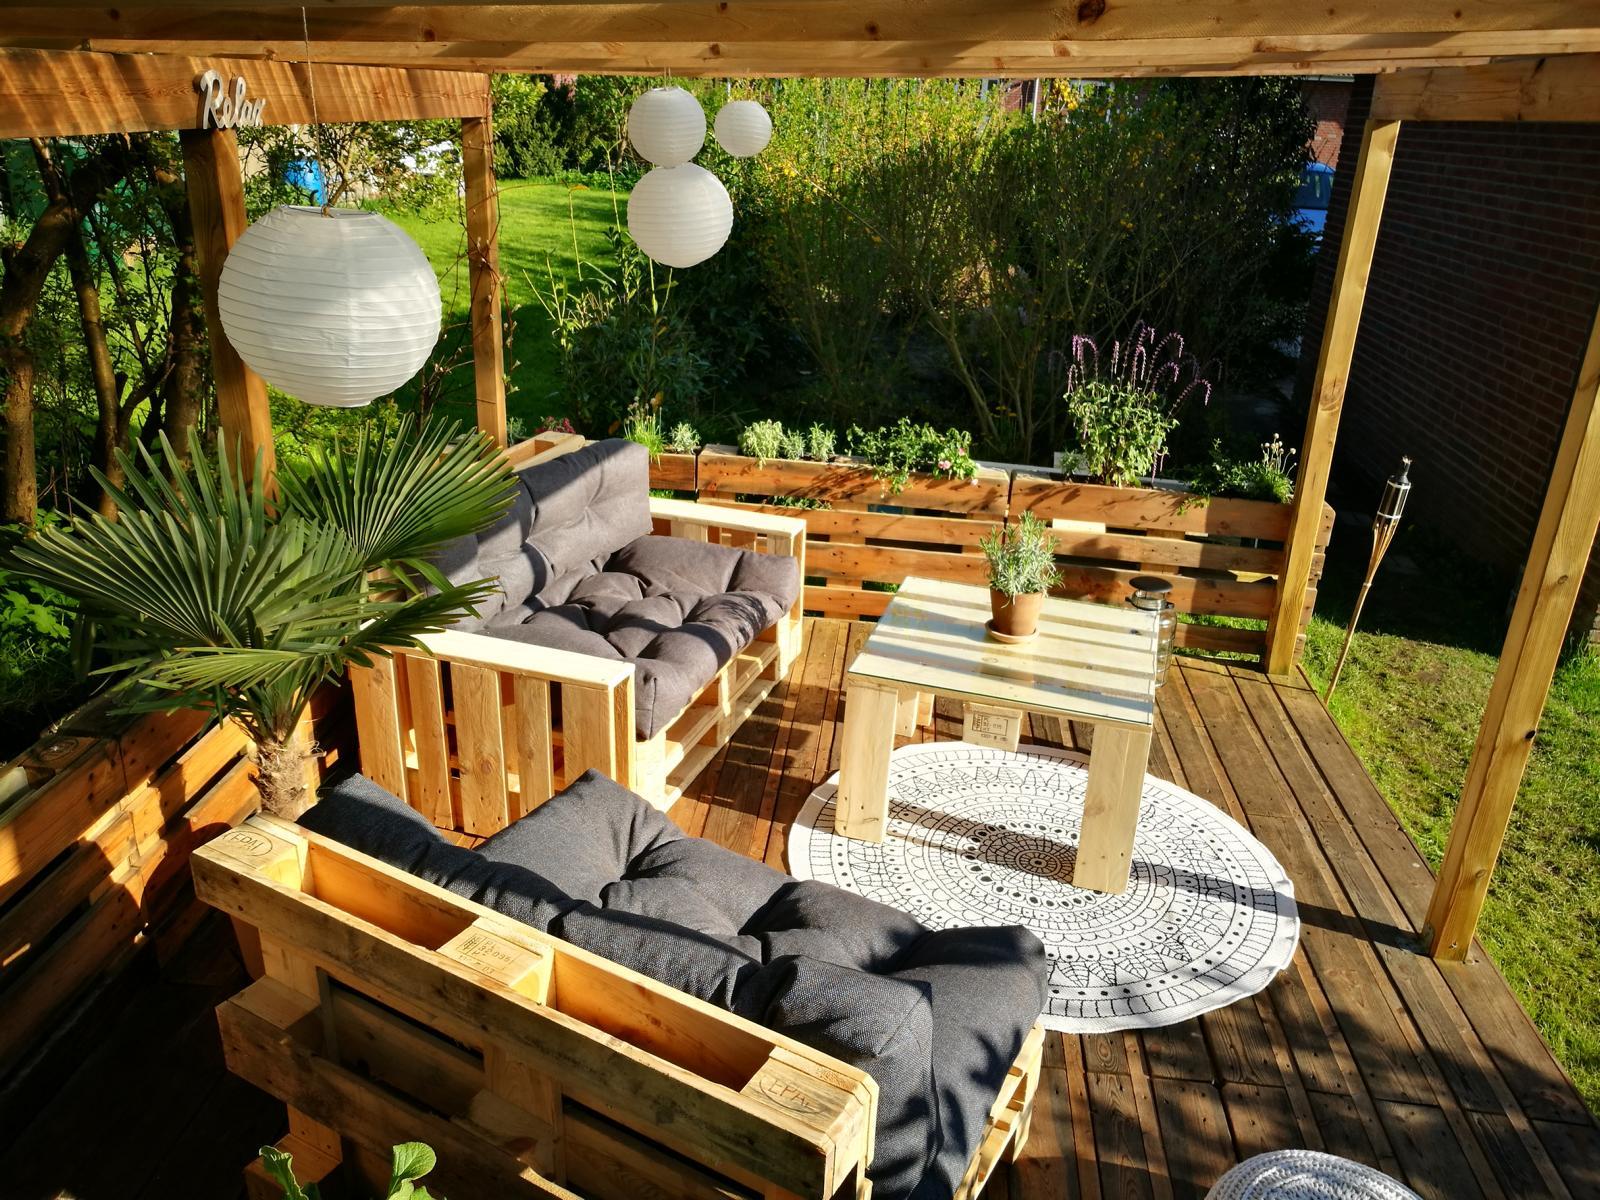 Außenküche Selber Bauen Kaufen : Außenküche selbst bauen komponenten zum bau